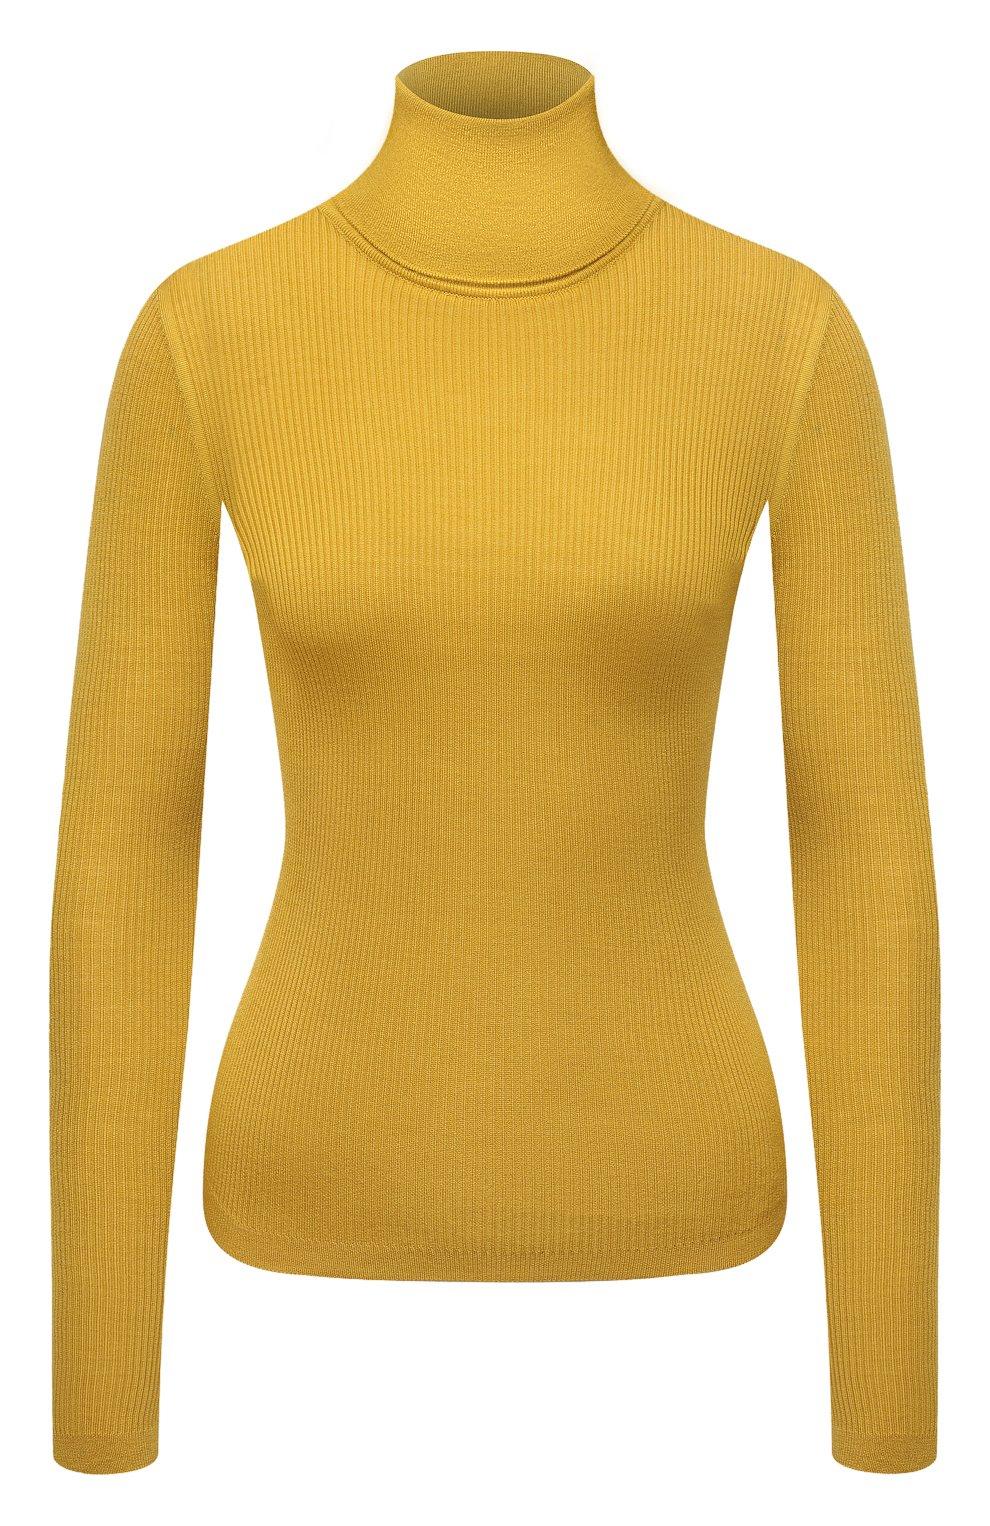 Женская водолазка из кашемира и шерсти SAINT LAURENT желтого цвета, арт. 637869/YAPK2 | Фото 1 (Женское Кросс-КТ: Водолазка-одежда; Материал внешний: Шерсть, Шелк, Кашемир; Рукава: Длинные; Стили: Гламурный; Длина (для топов): Стандартные)